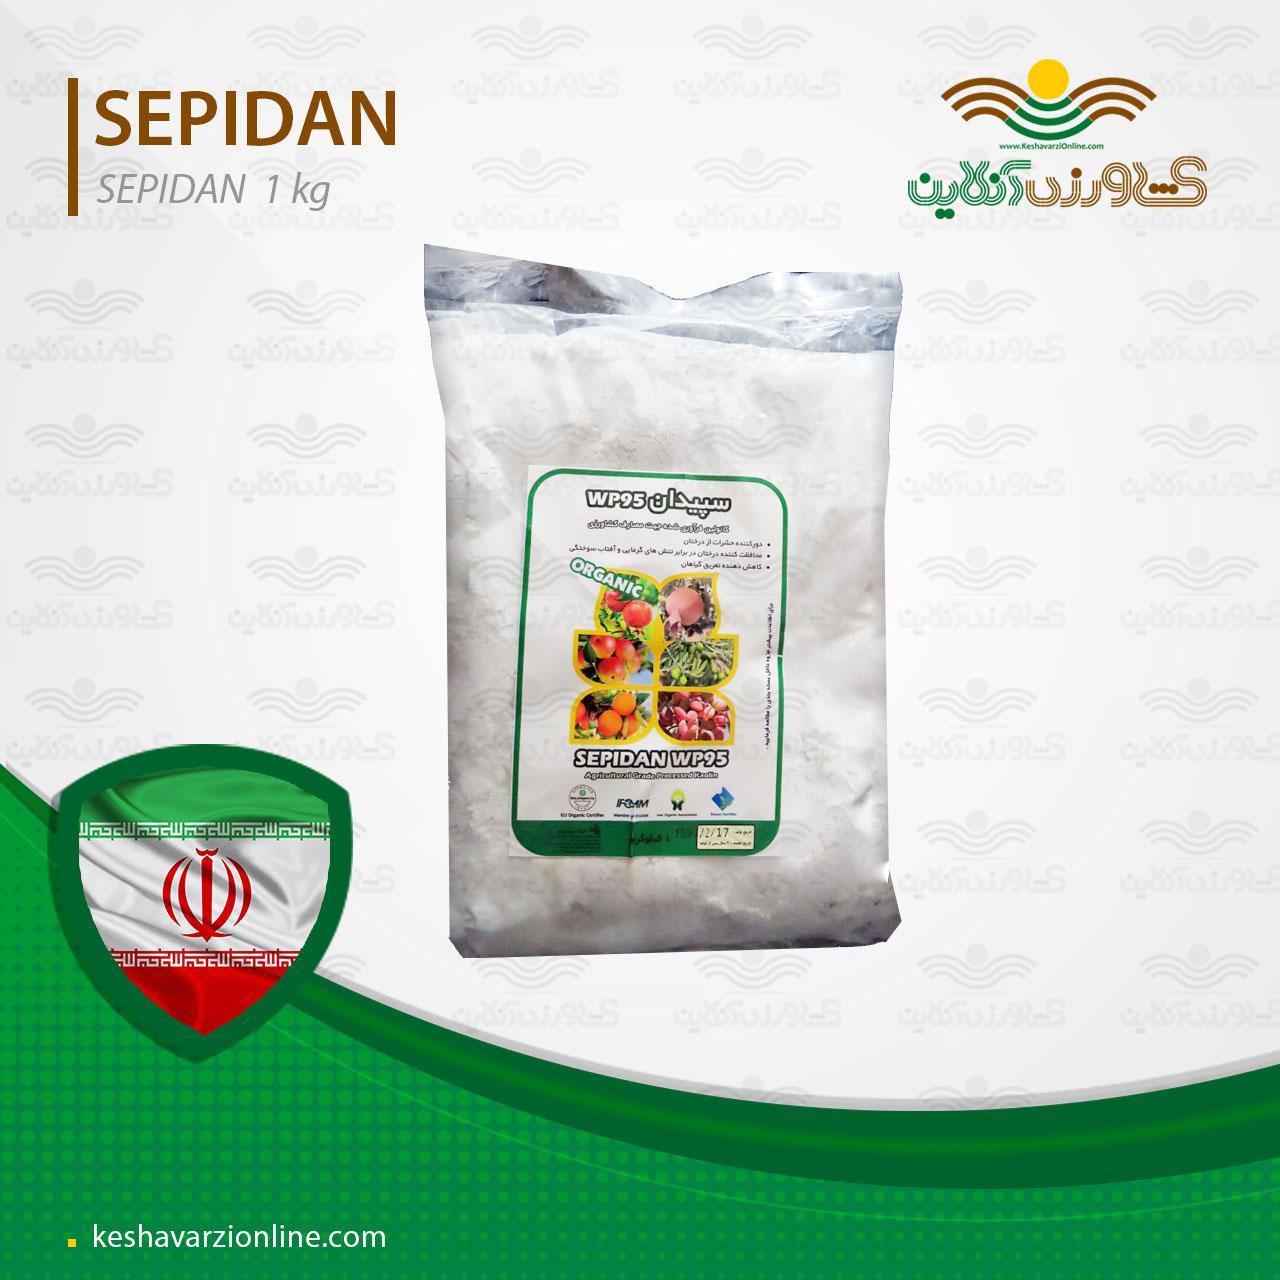 سم سپیدان یا پودر کائولین و روش مصرف سپیدان